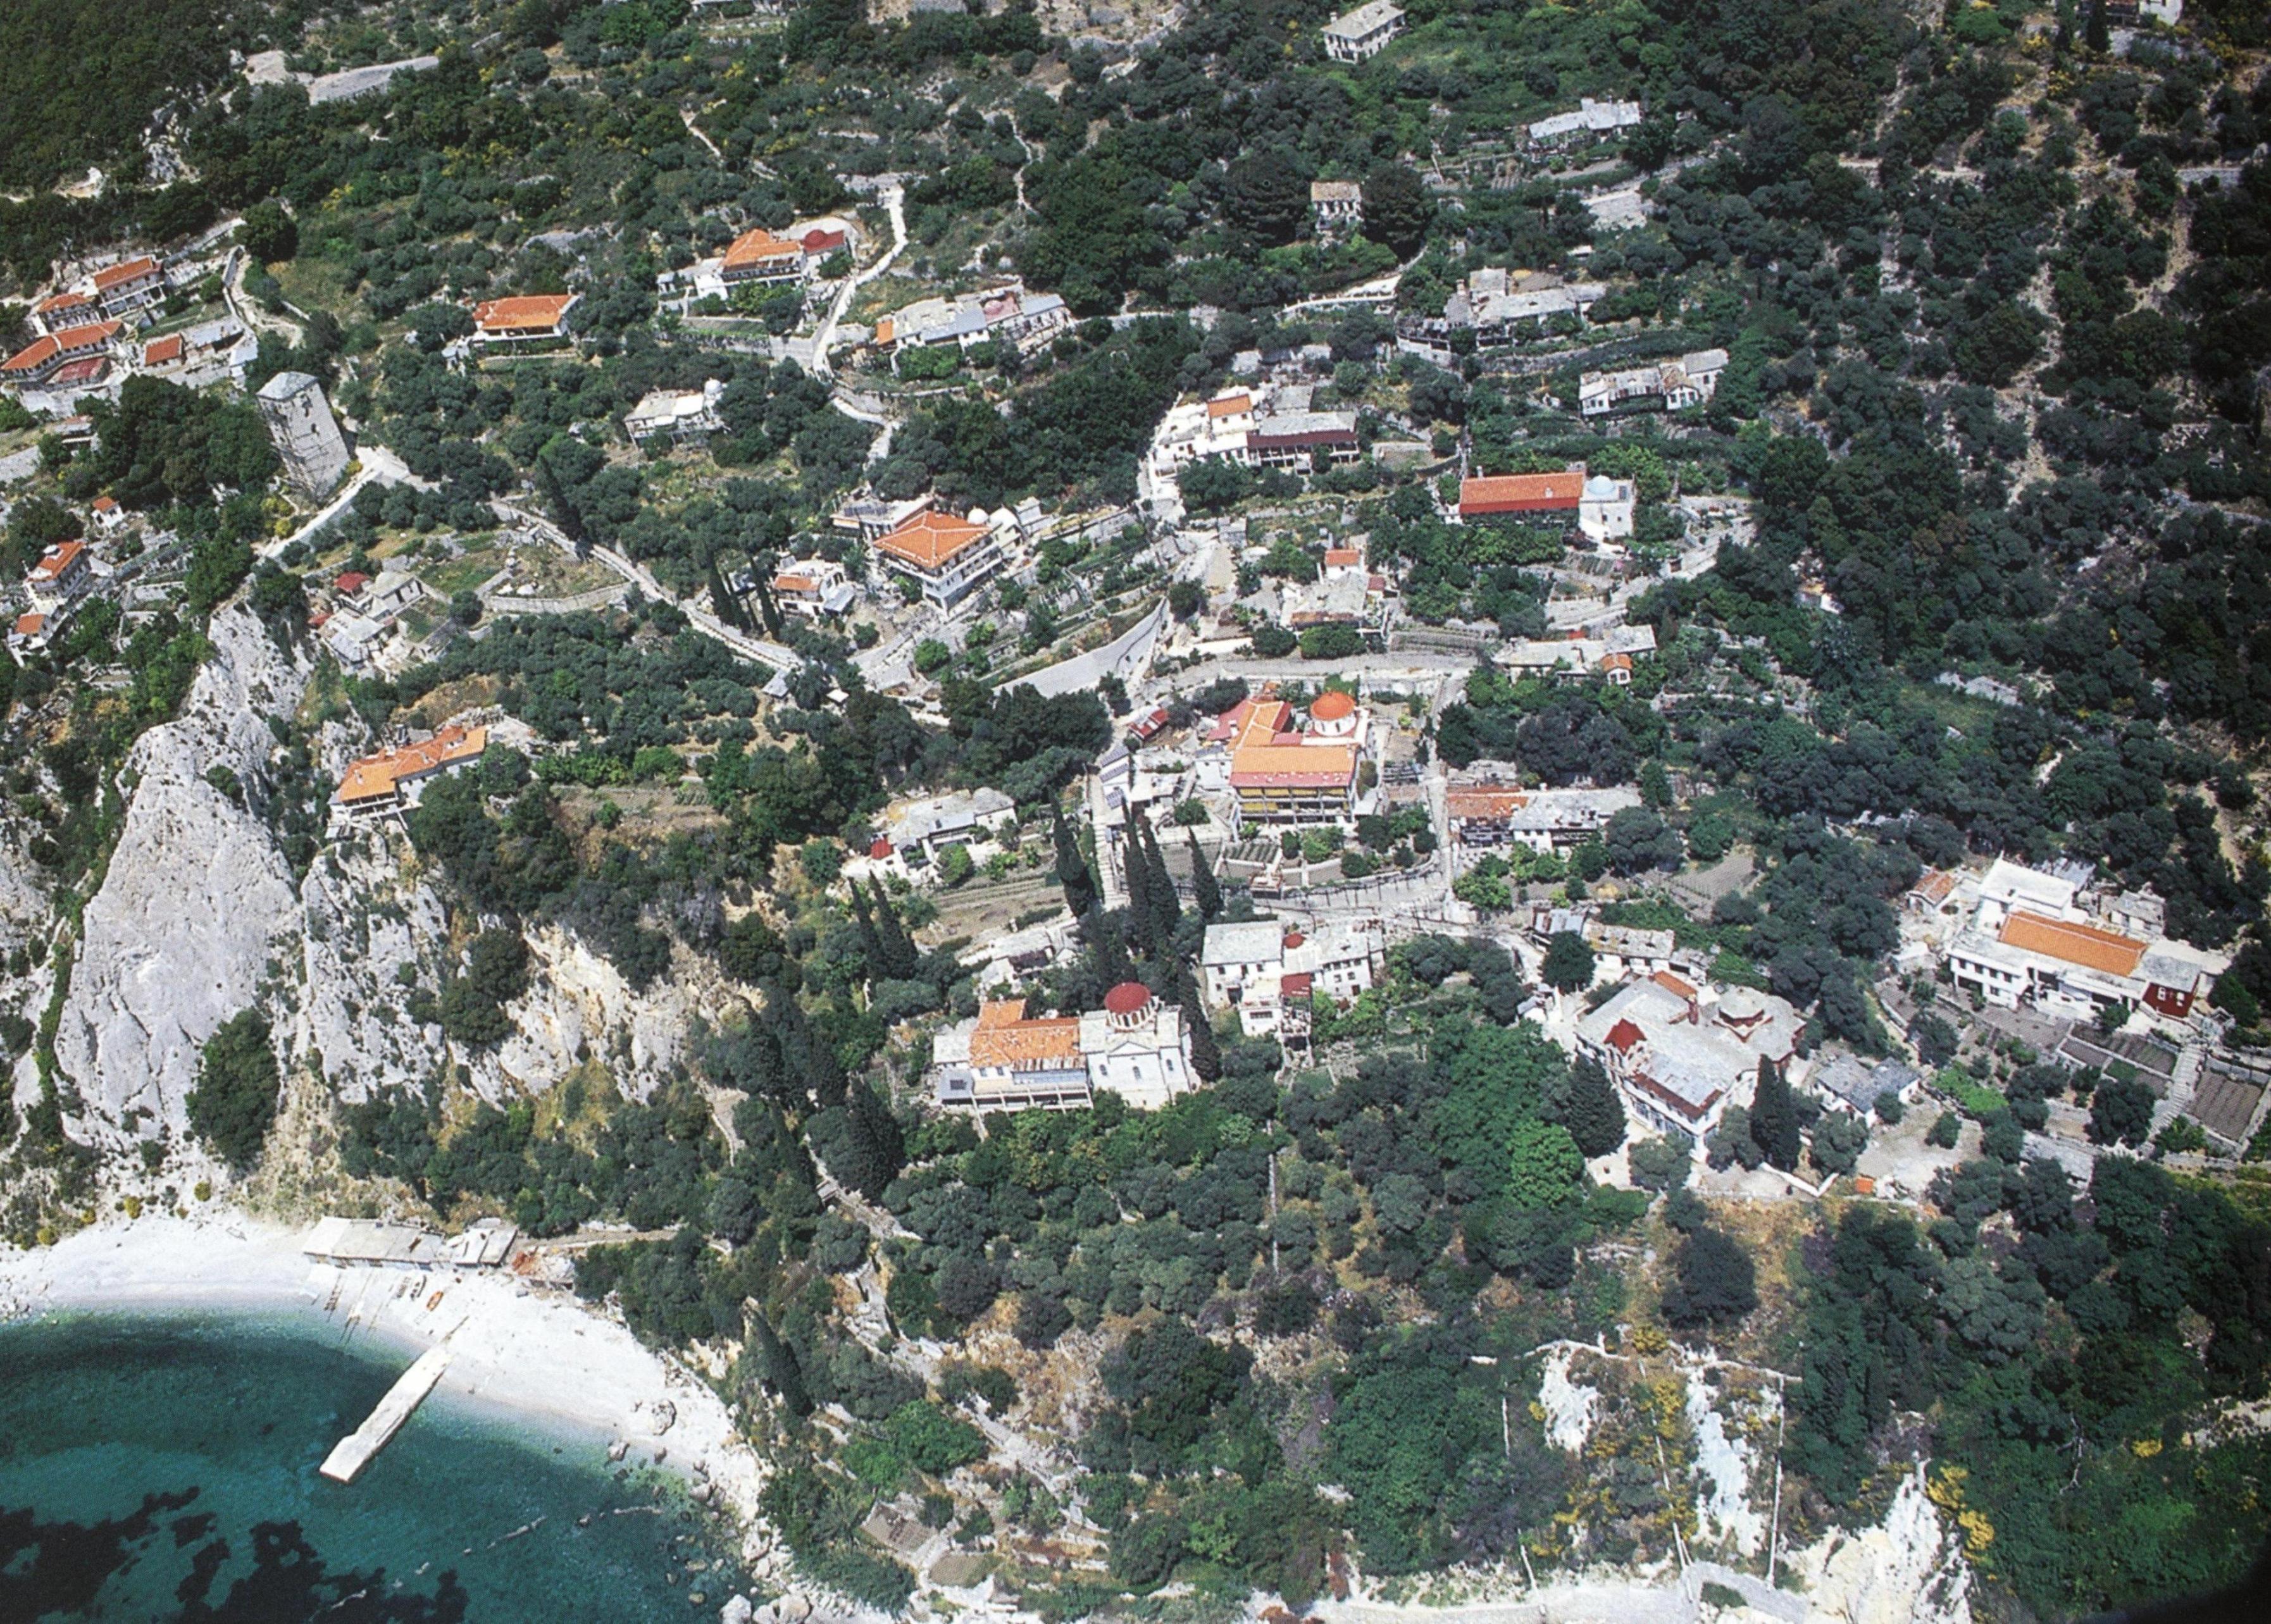 Πανοραμική άποψη της Νέας Σκήτης, η οποία διοικητικά υπάγεται στην Ιερά Μονή Αγίου Παύλου.